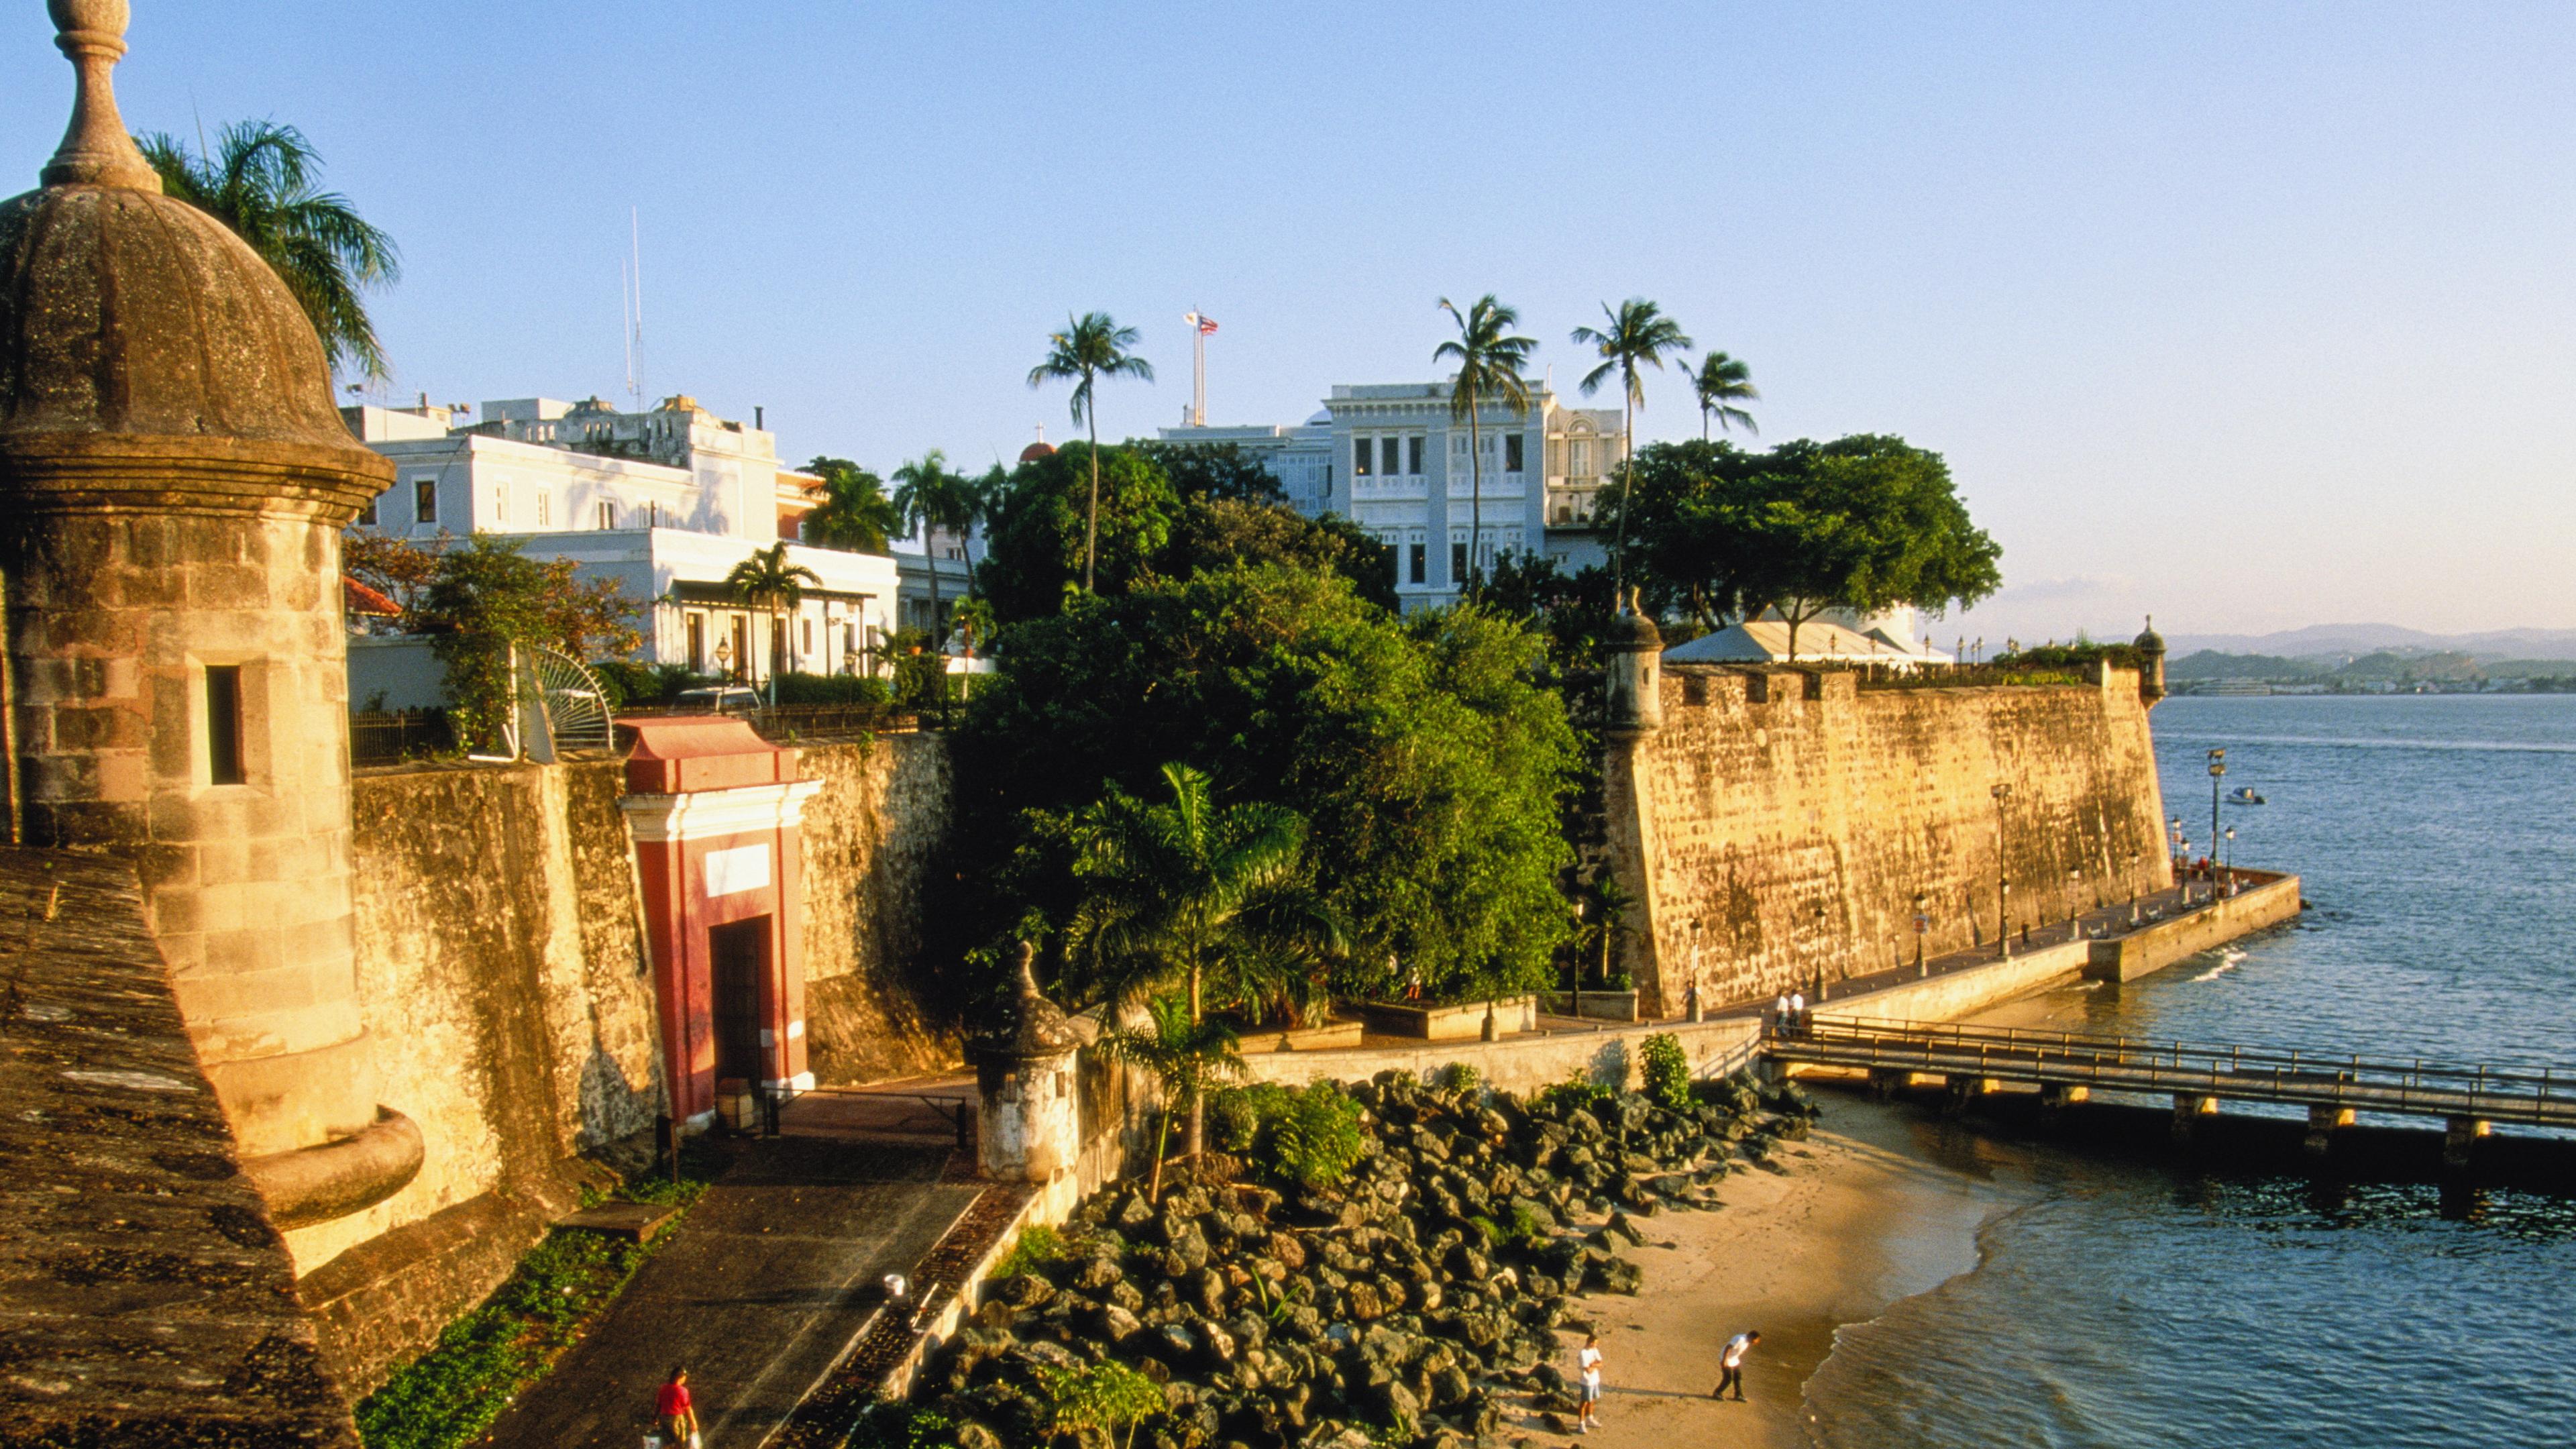 Muros de pedra separam uma praia da cidade em San Juan, em Porto Rico